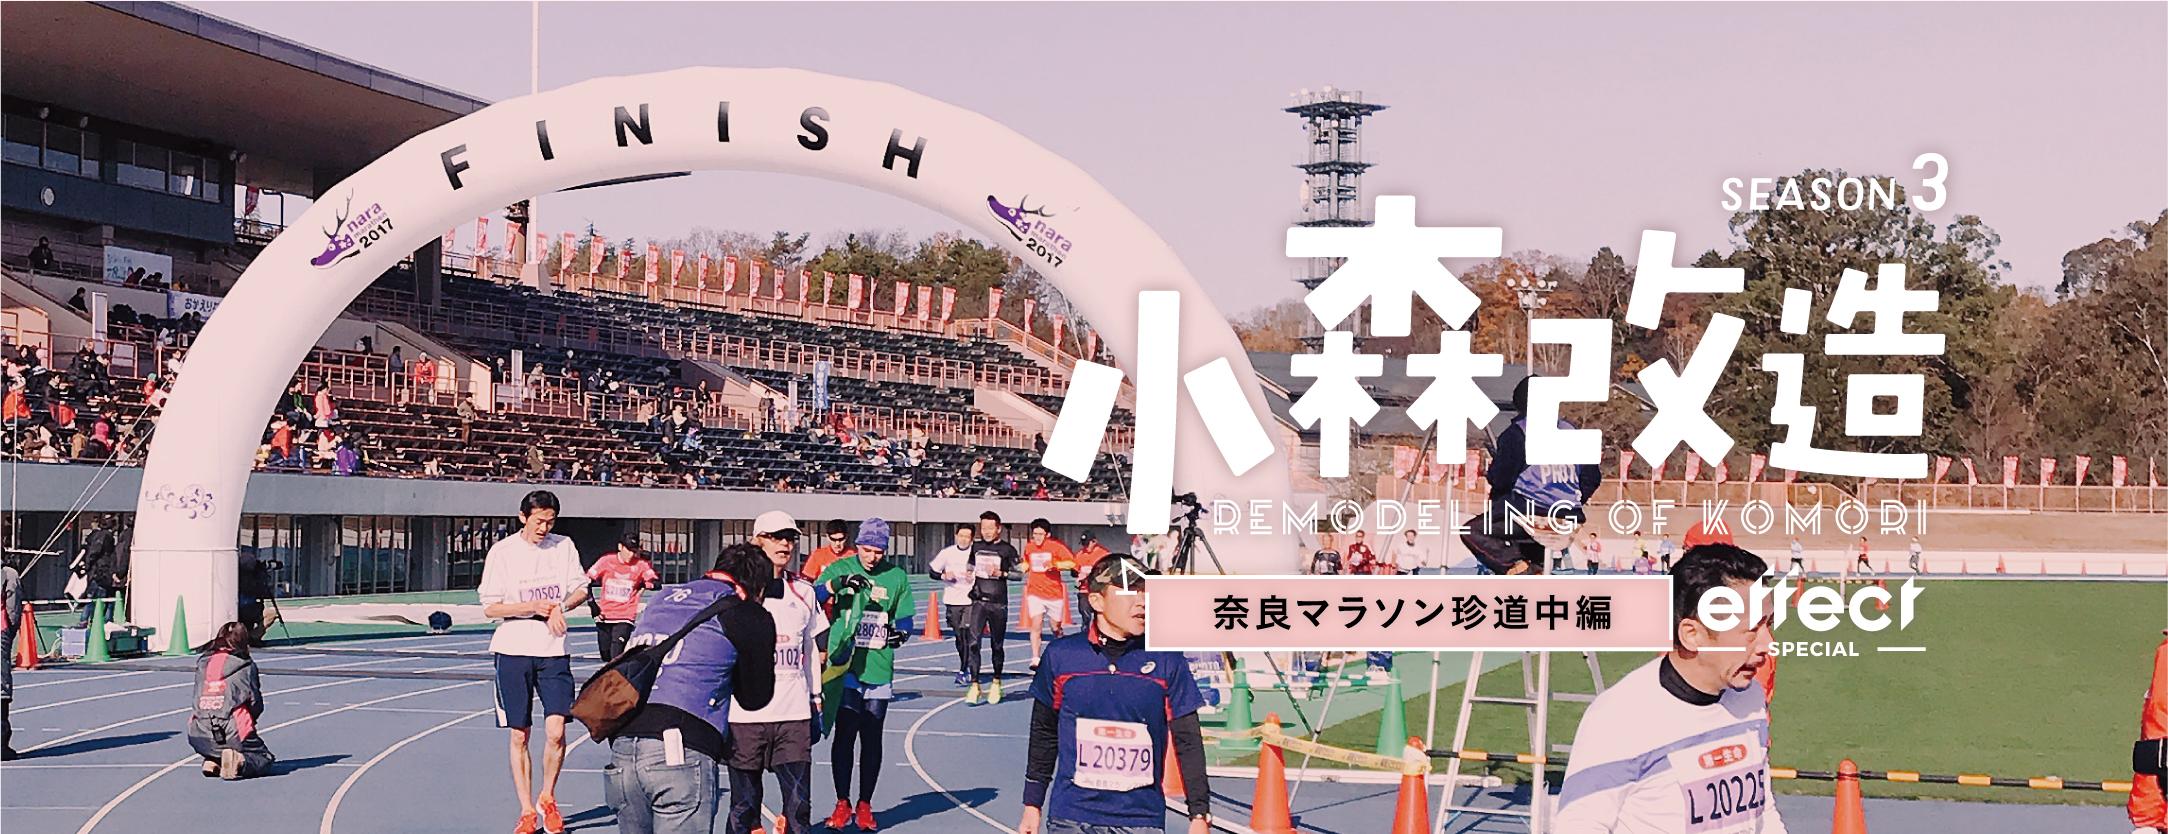 小森改造 // 珍道中!! 奈良マラソンに挑戦!【後編】